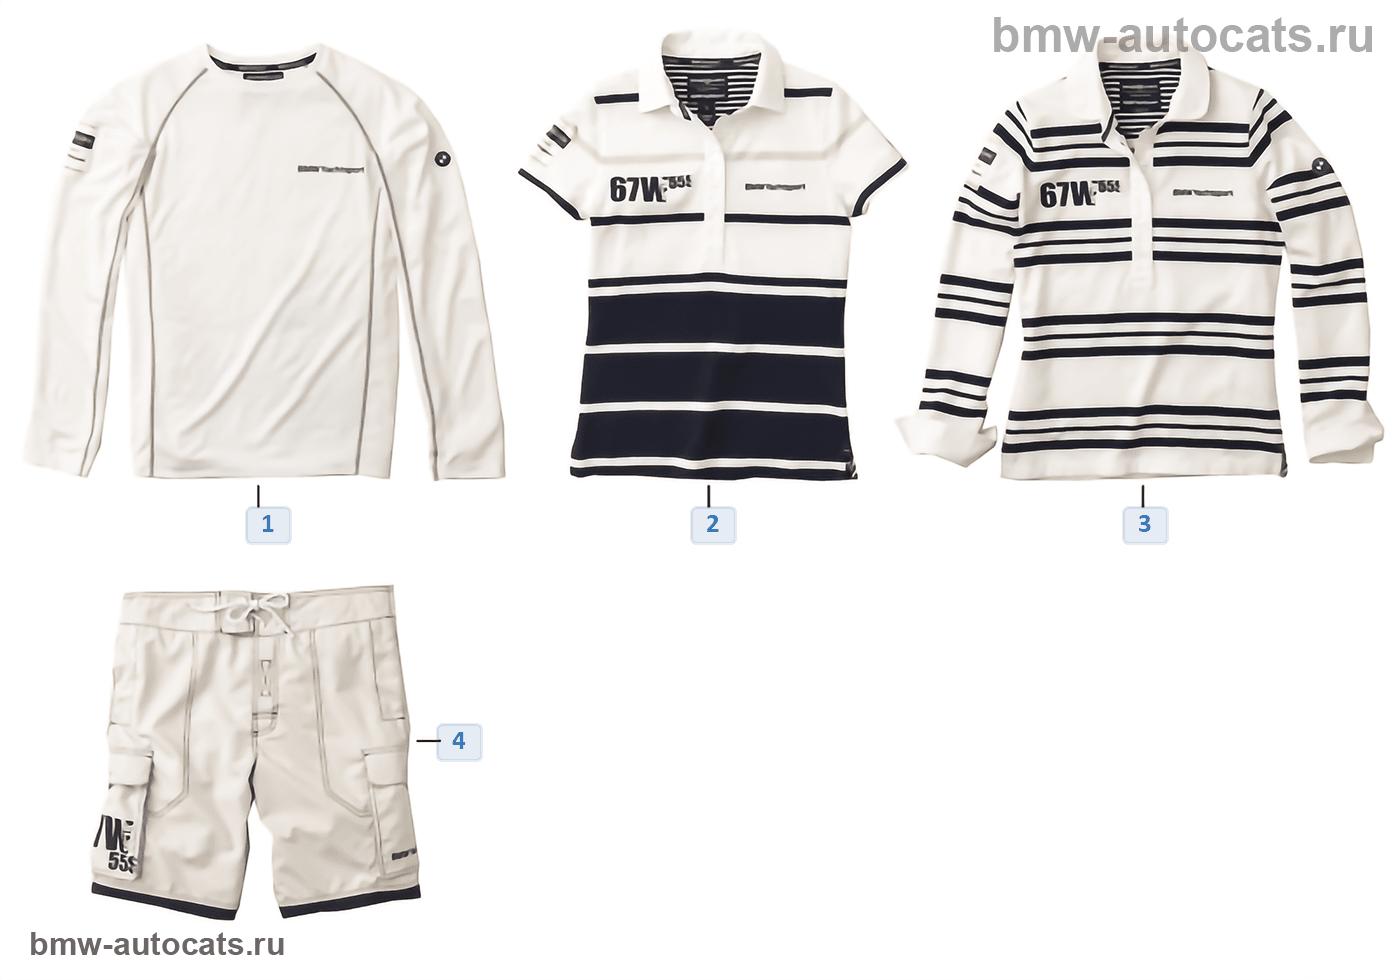 Yachtsport-женск. рубашки/шорты 2013/14